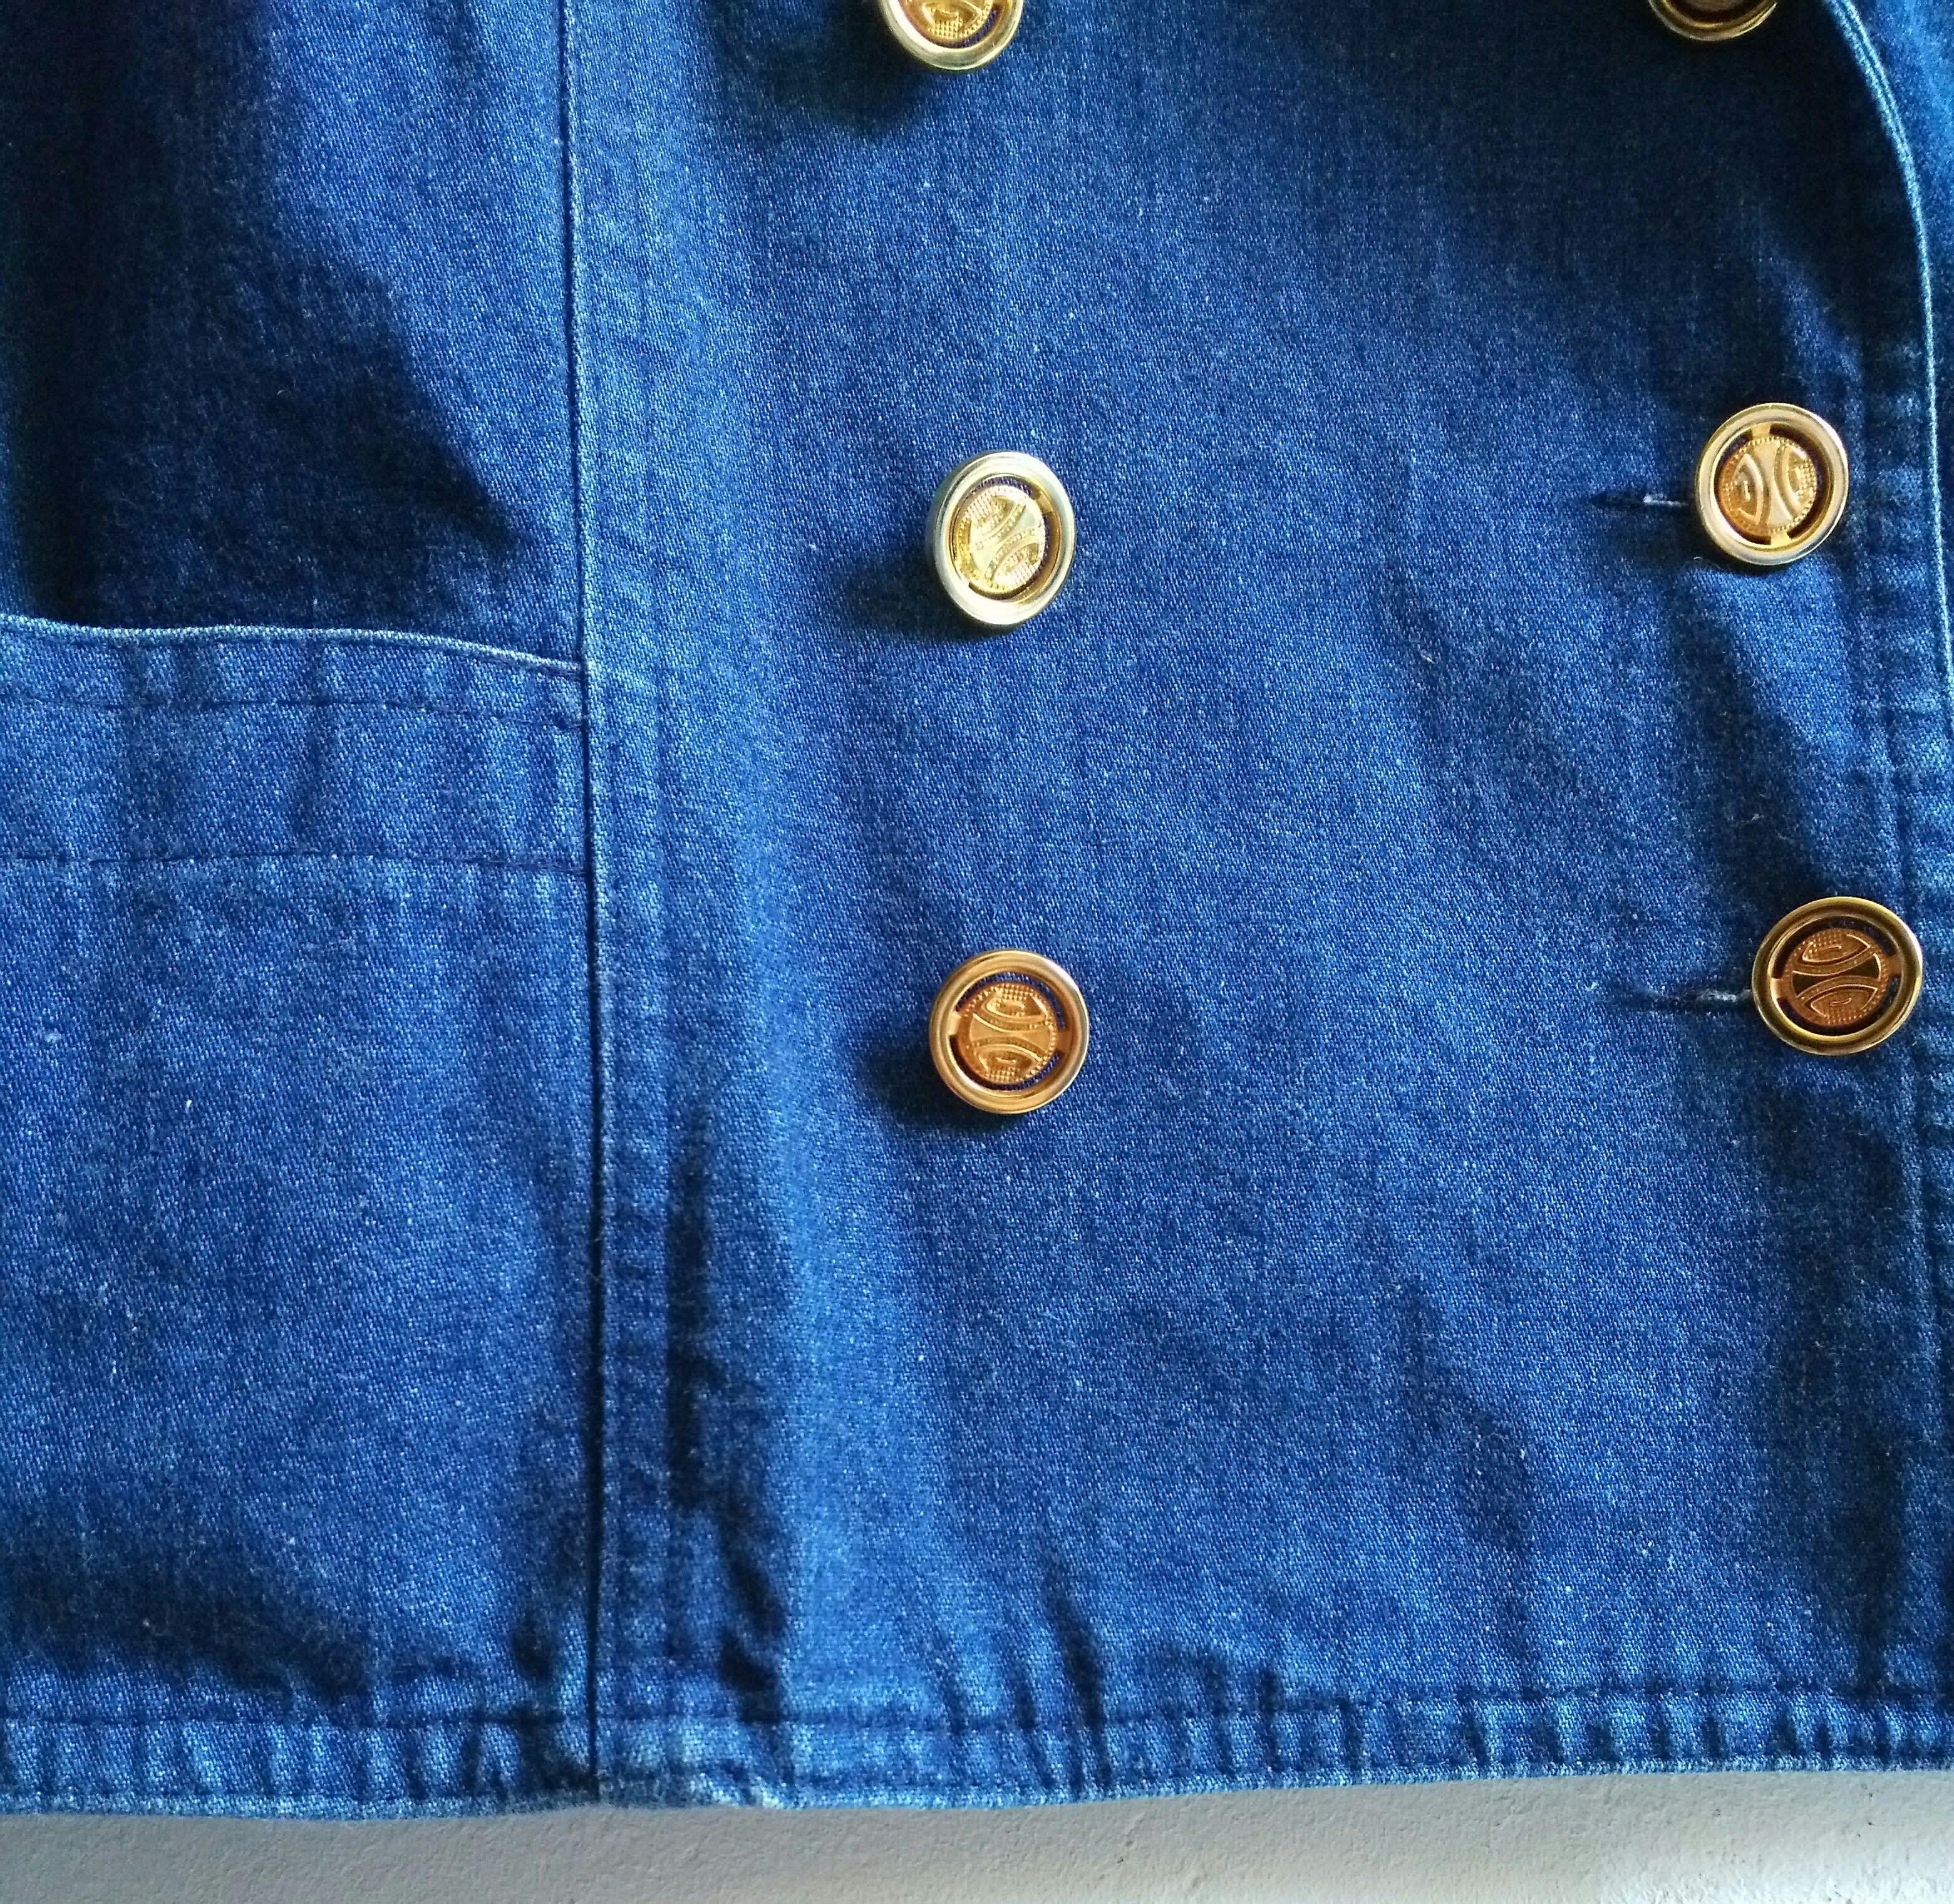 Vestes - Veste croisée en jean